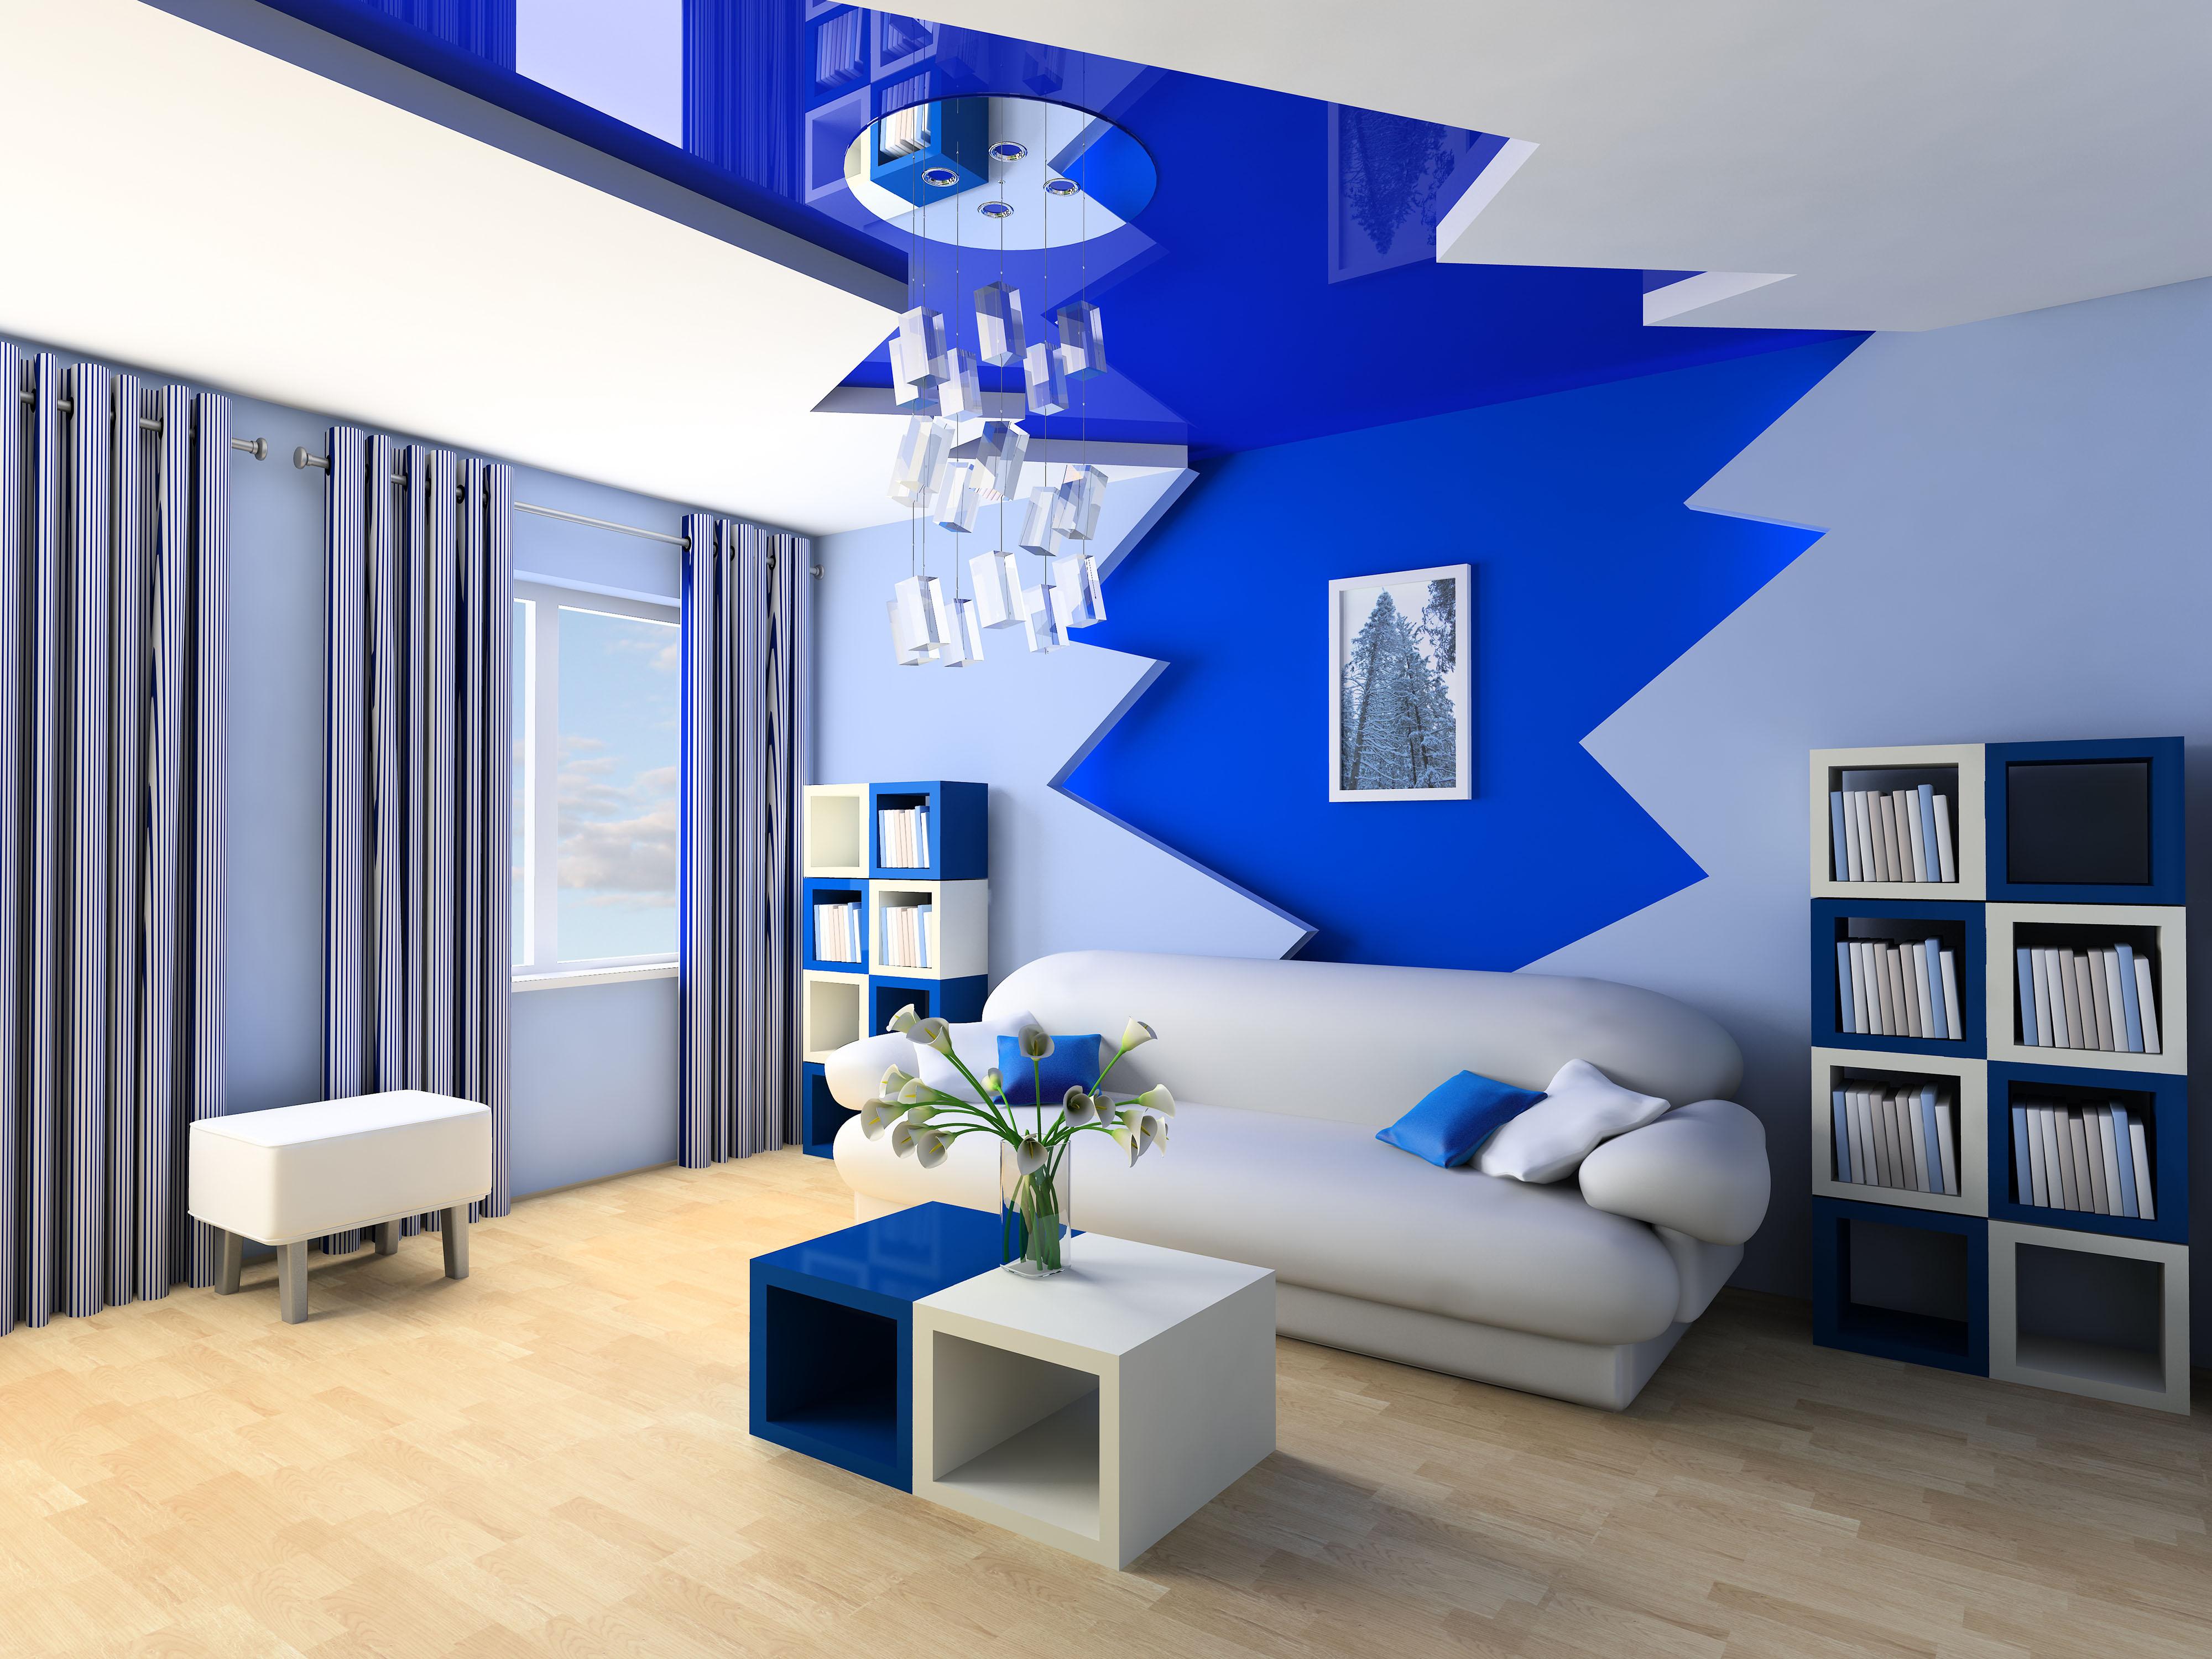 HDoboi.Kiev.ua - Гостиная комната в серо синих тонах, интерьер